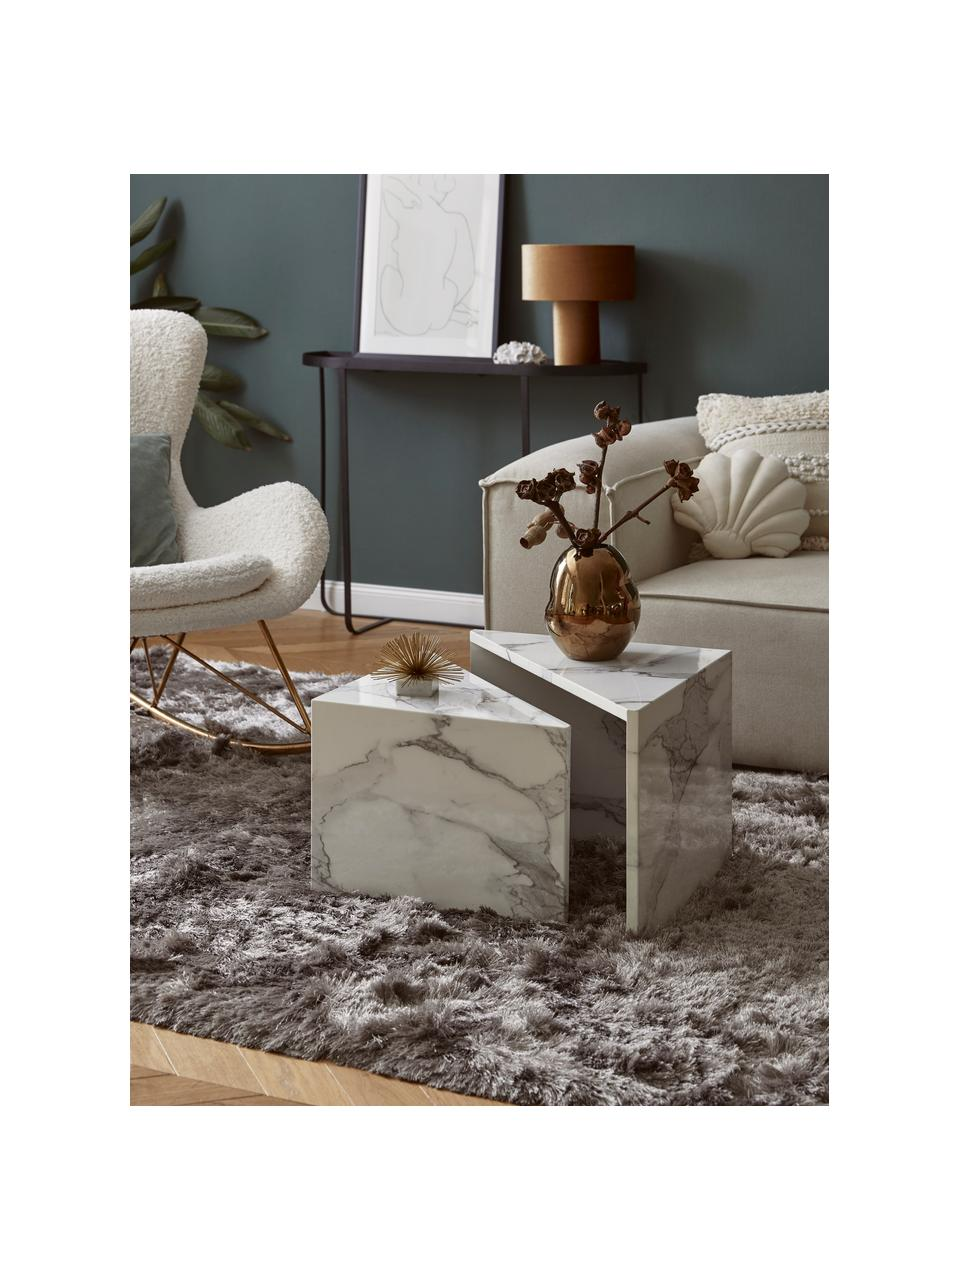 Set 2 tavolini da salotto effetto marmo Vilma, Pannello di fibre a media densità (MDF) rivestito con carta patinata laccata effetto marmo, Bianco marmorizzato lucido, Set in varie misure